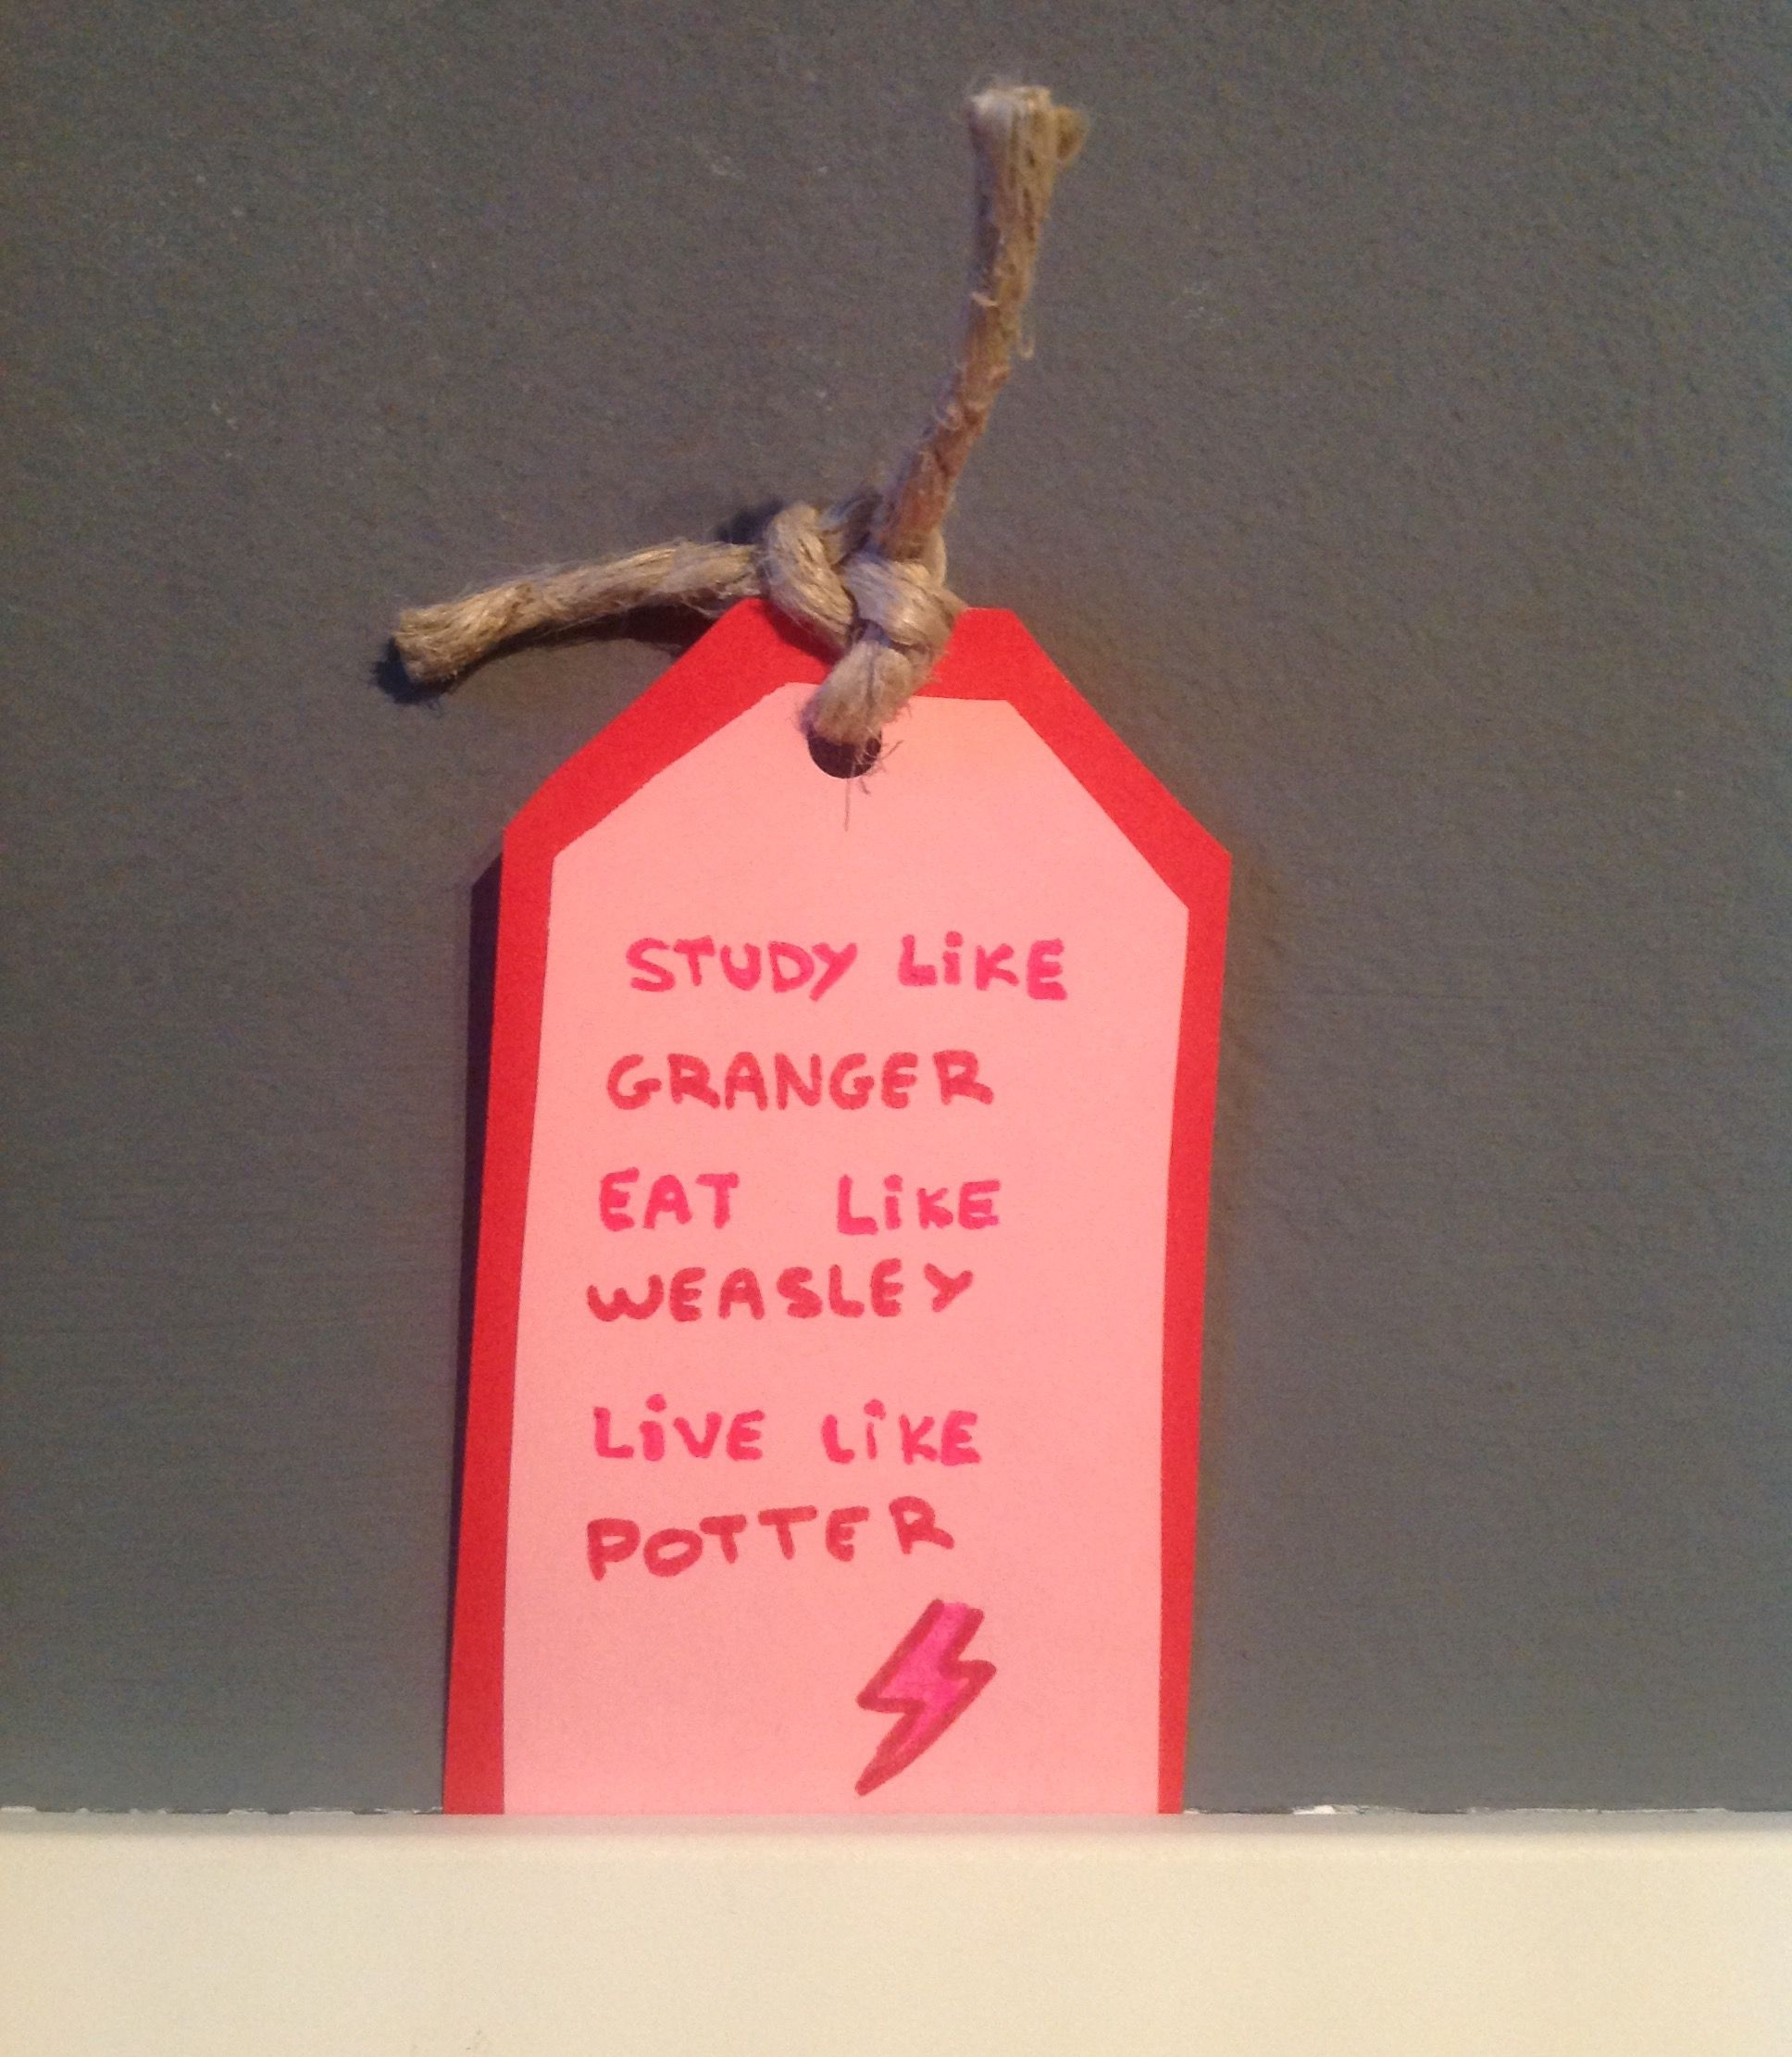 Harry Potter fan⚡️. #harrypotter